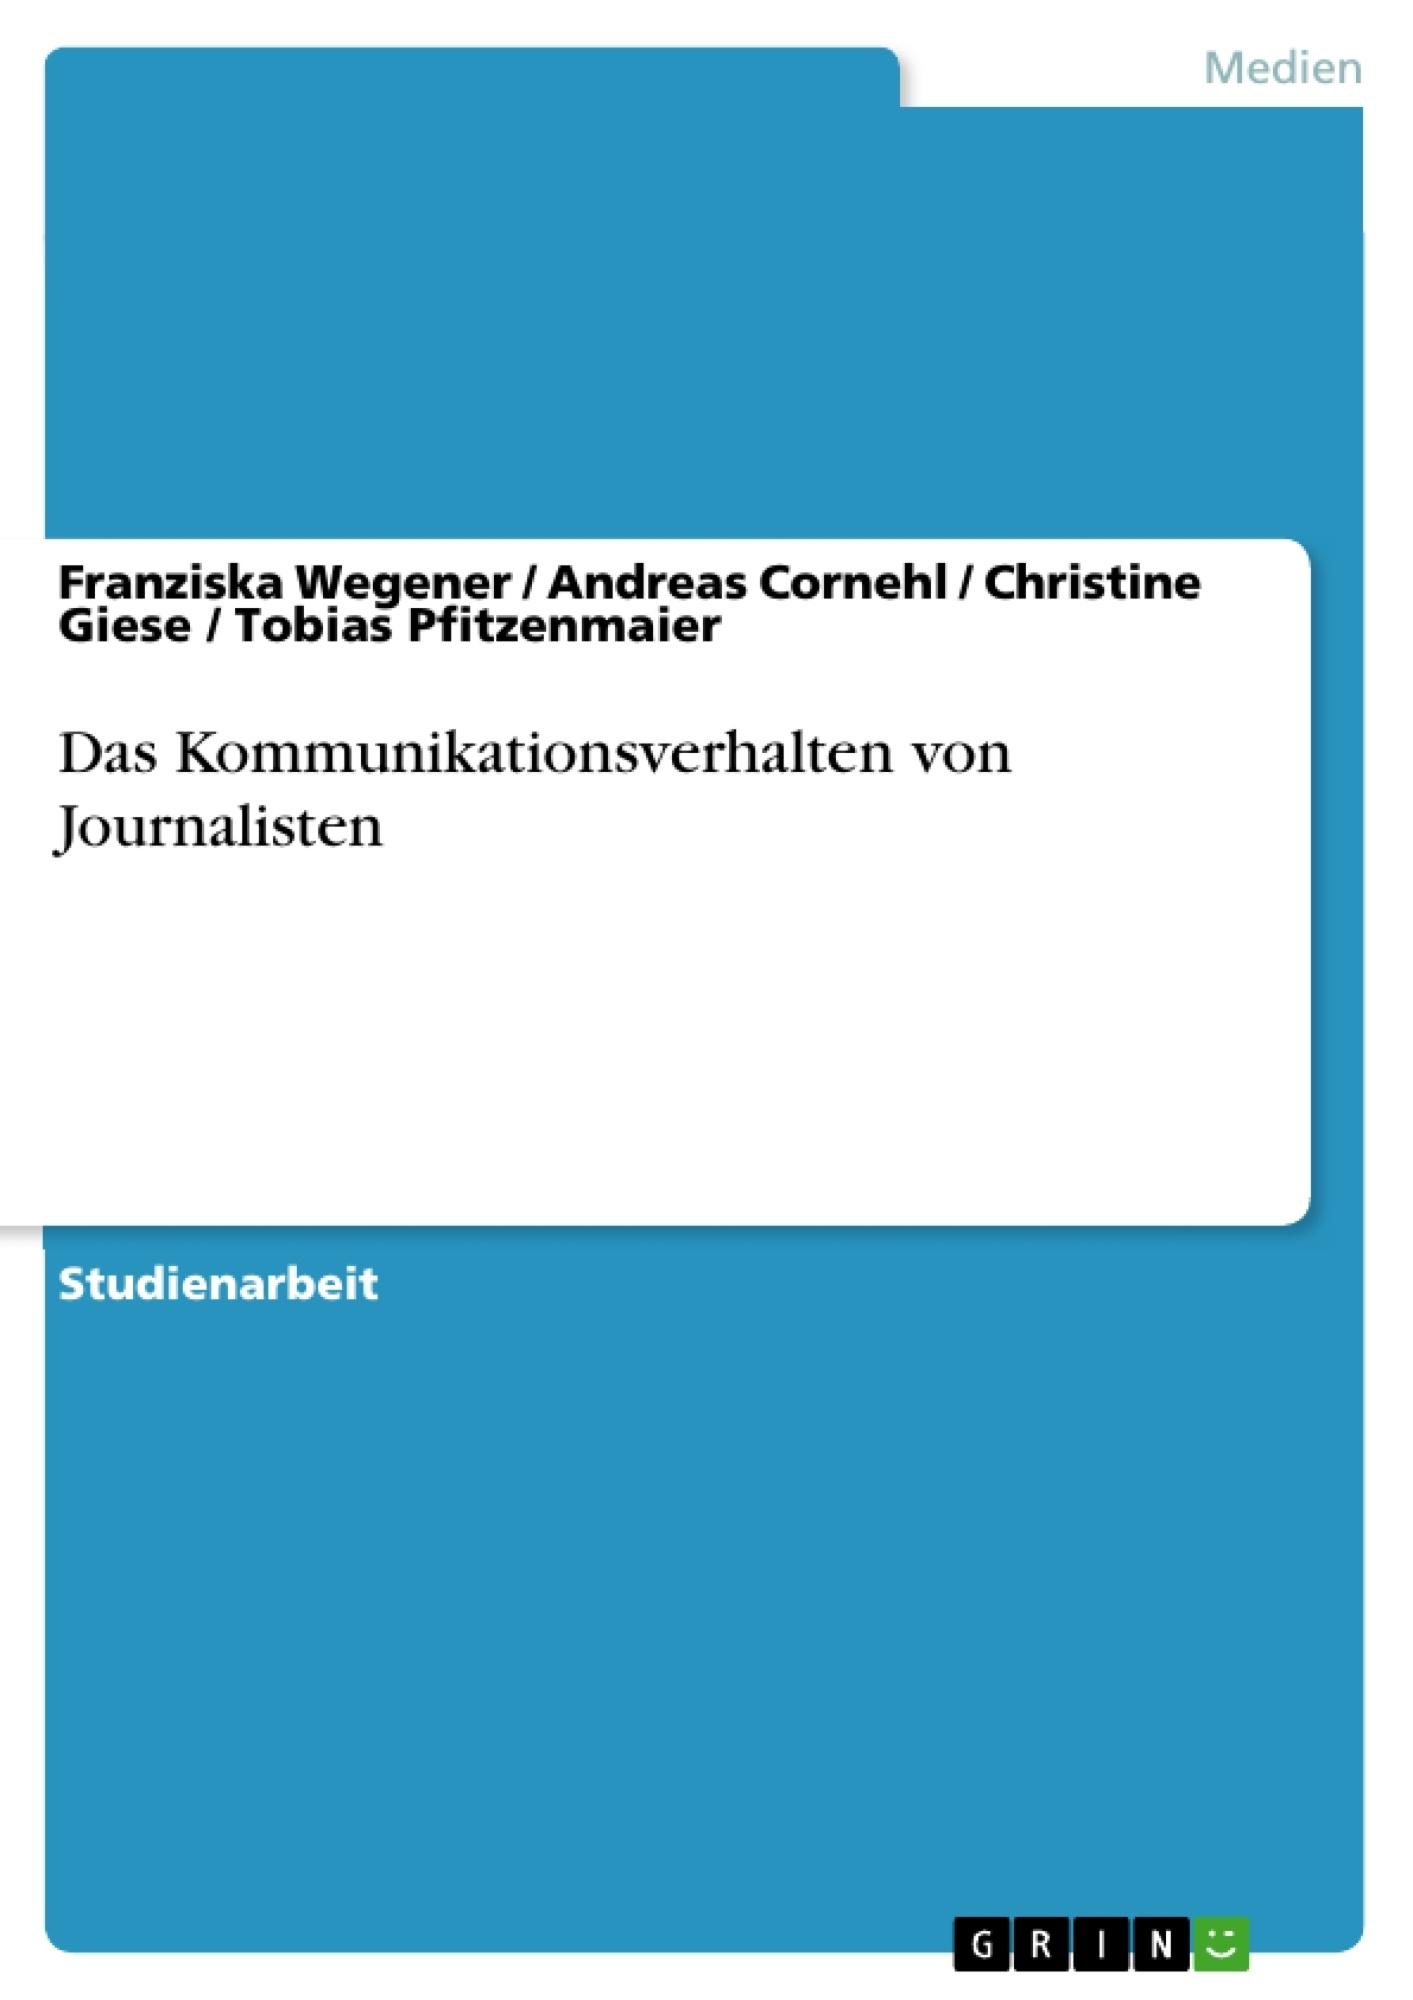 Titel: Das Kommunikationsverhalten von Journalisten